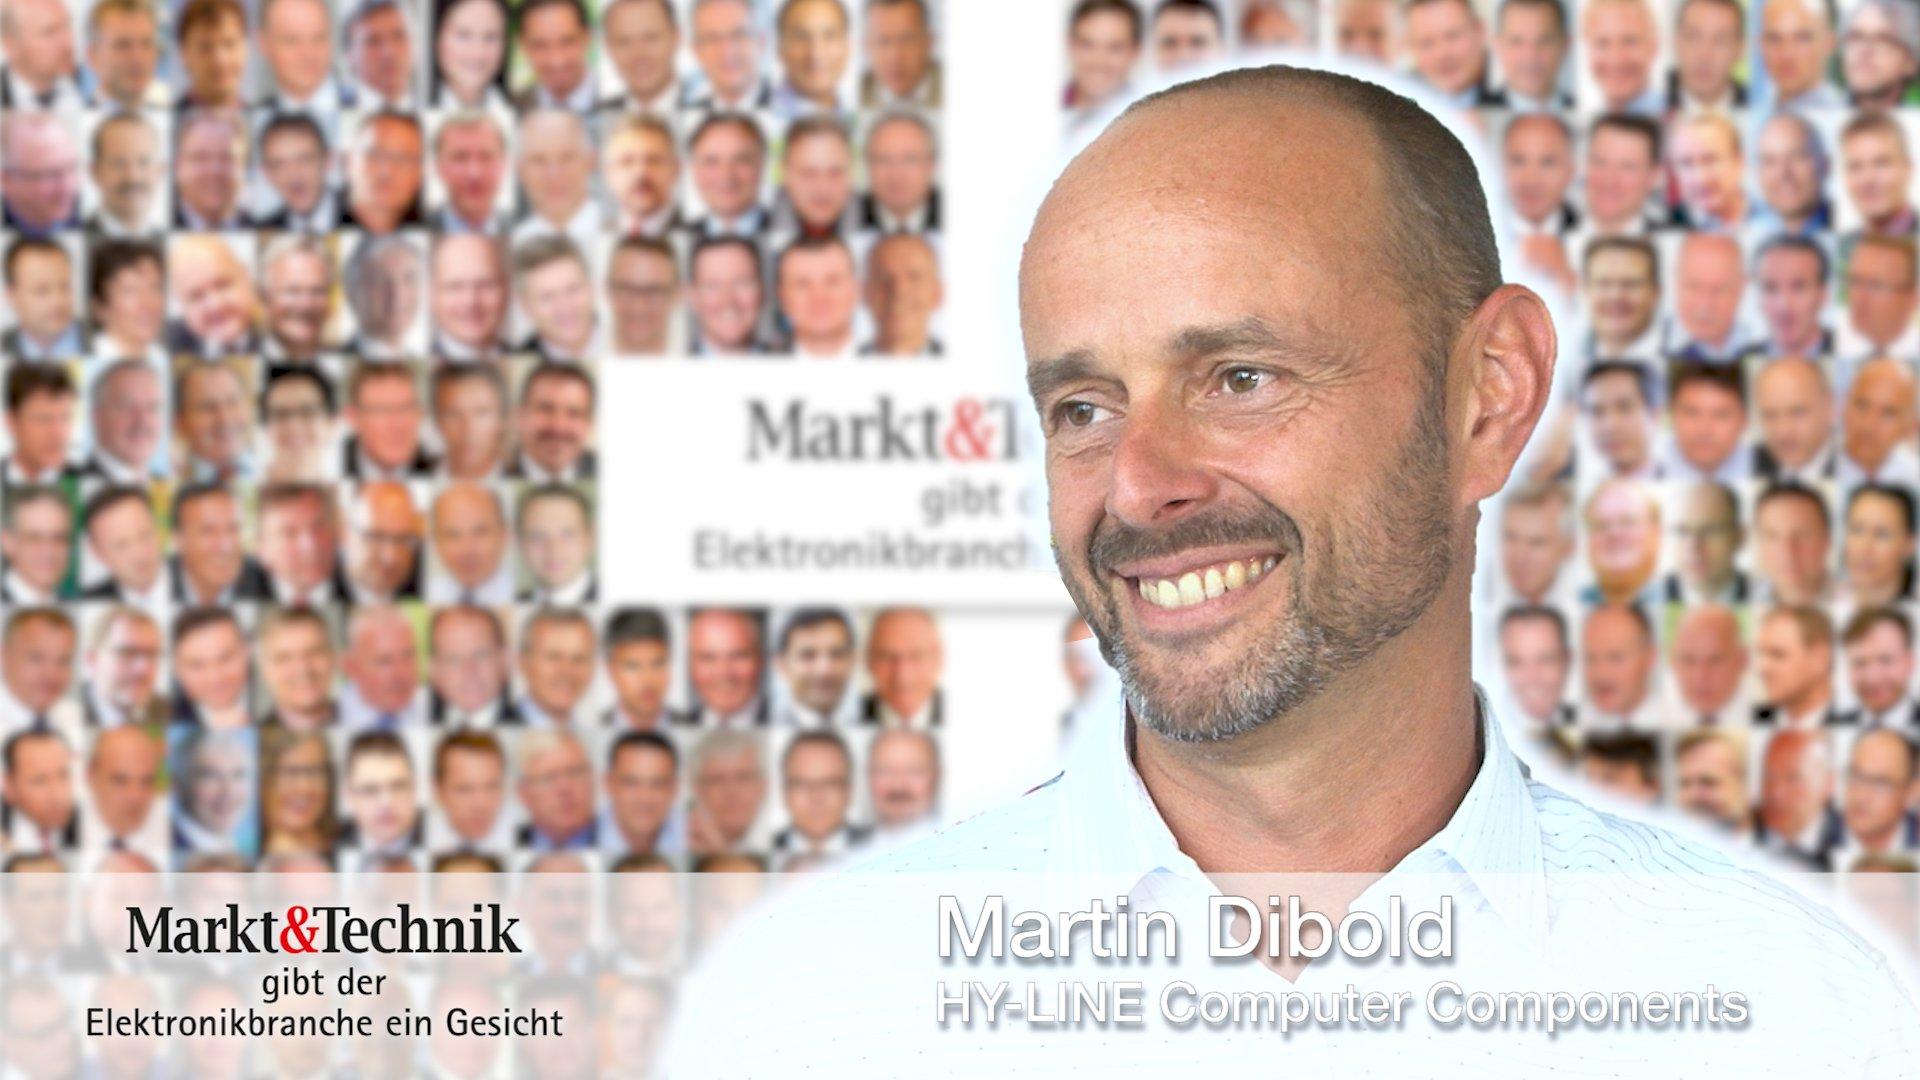 Martin Dibold, ein Kampfsportler im Bayerischen Oberland